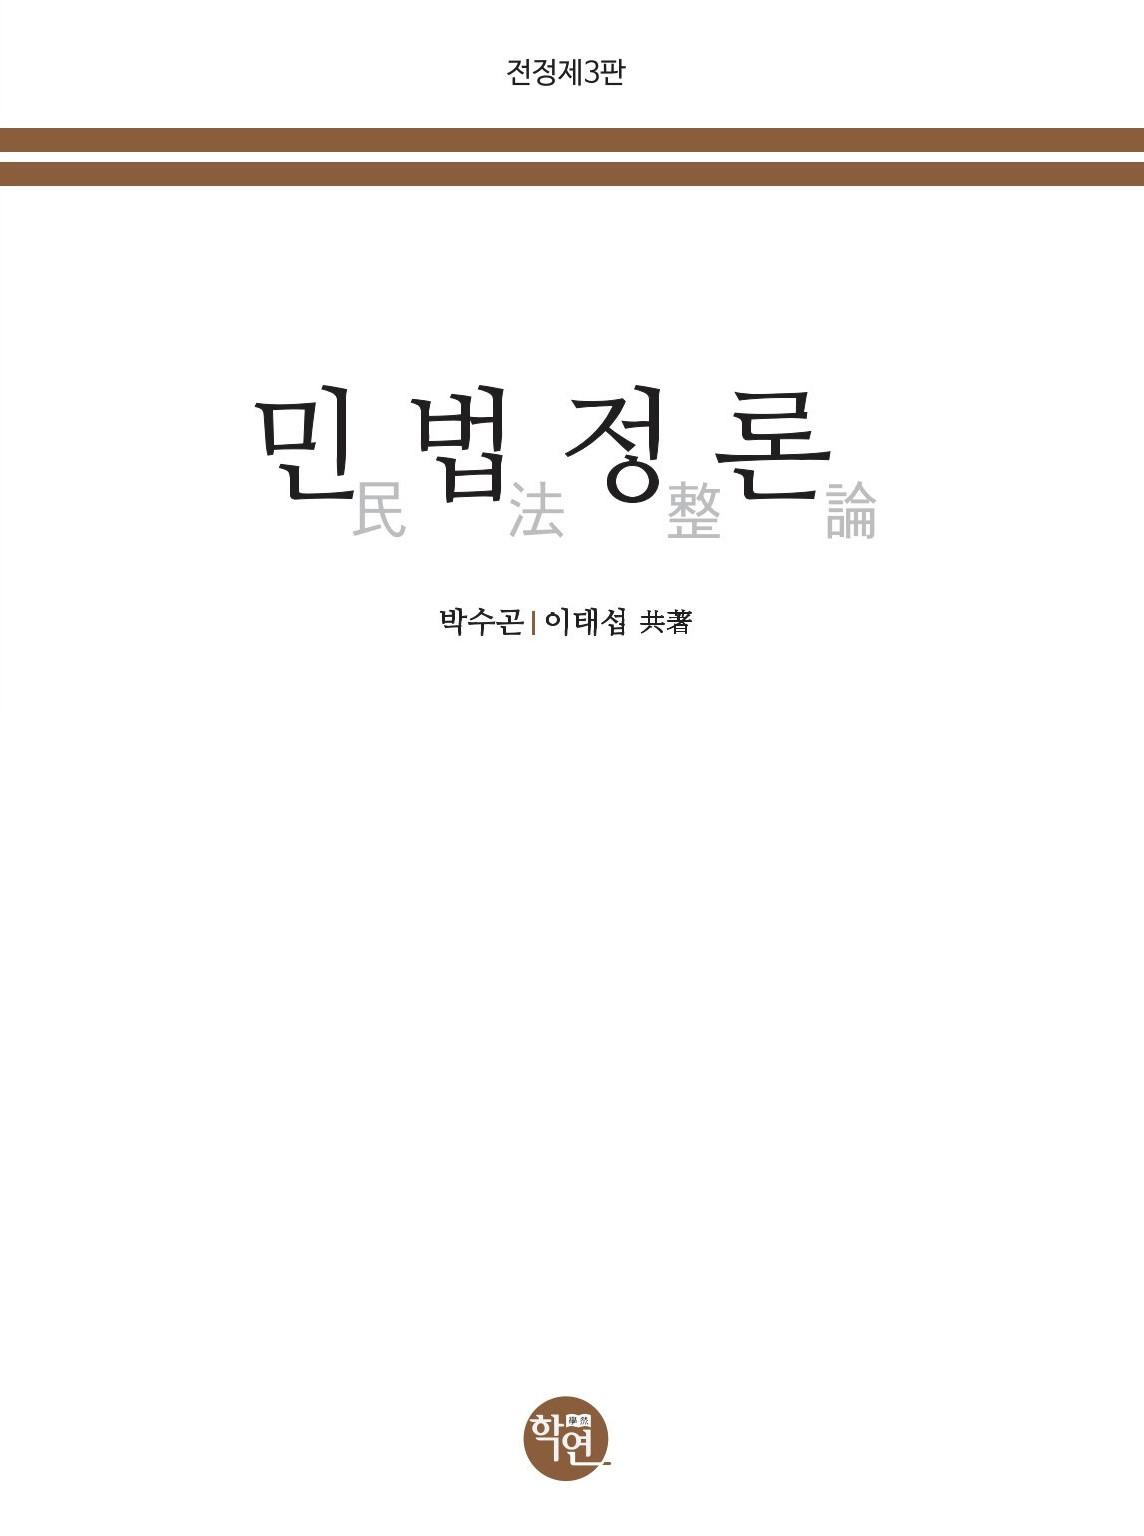 [법무사] 2020 민법정론 - 전정제3판 (이태섭 저)